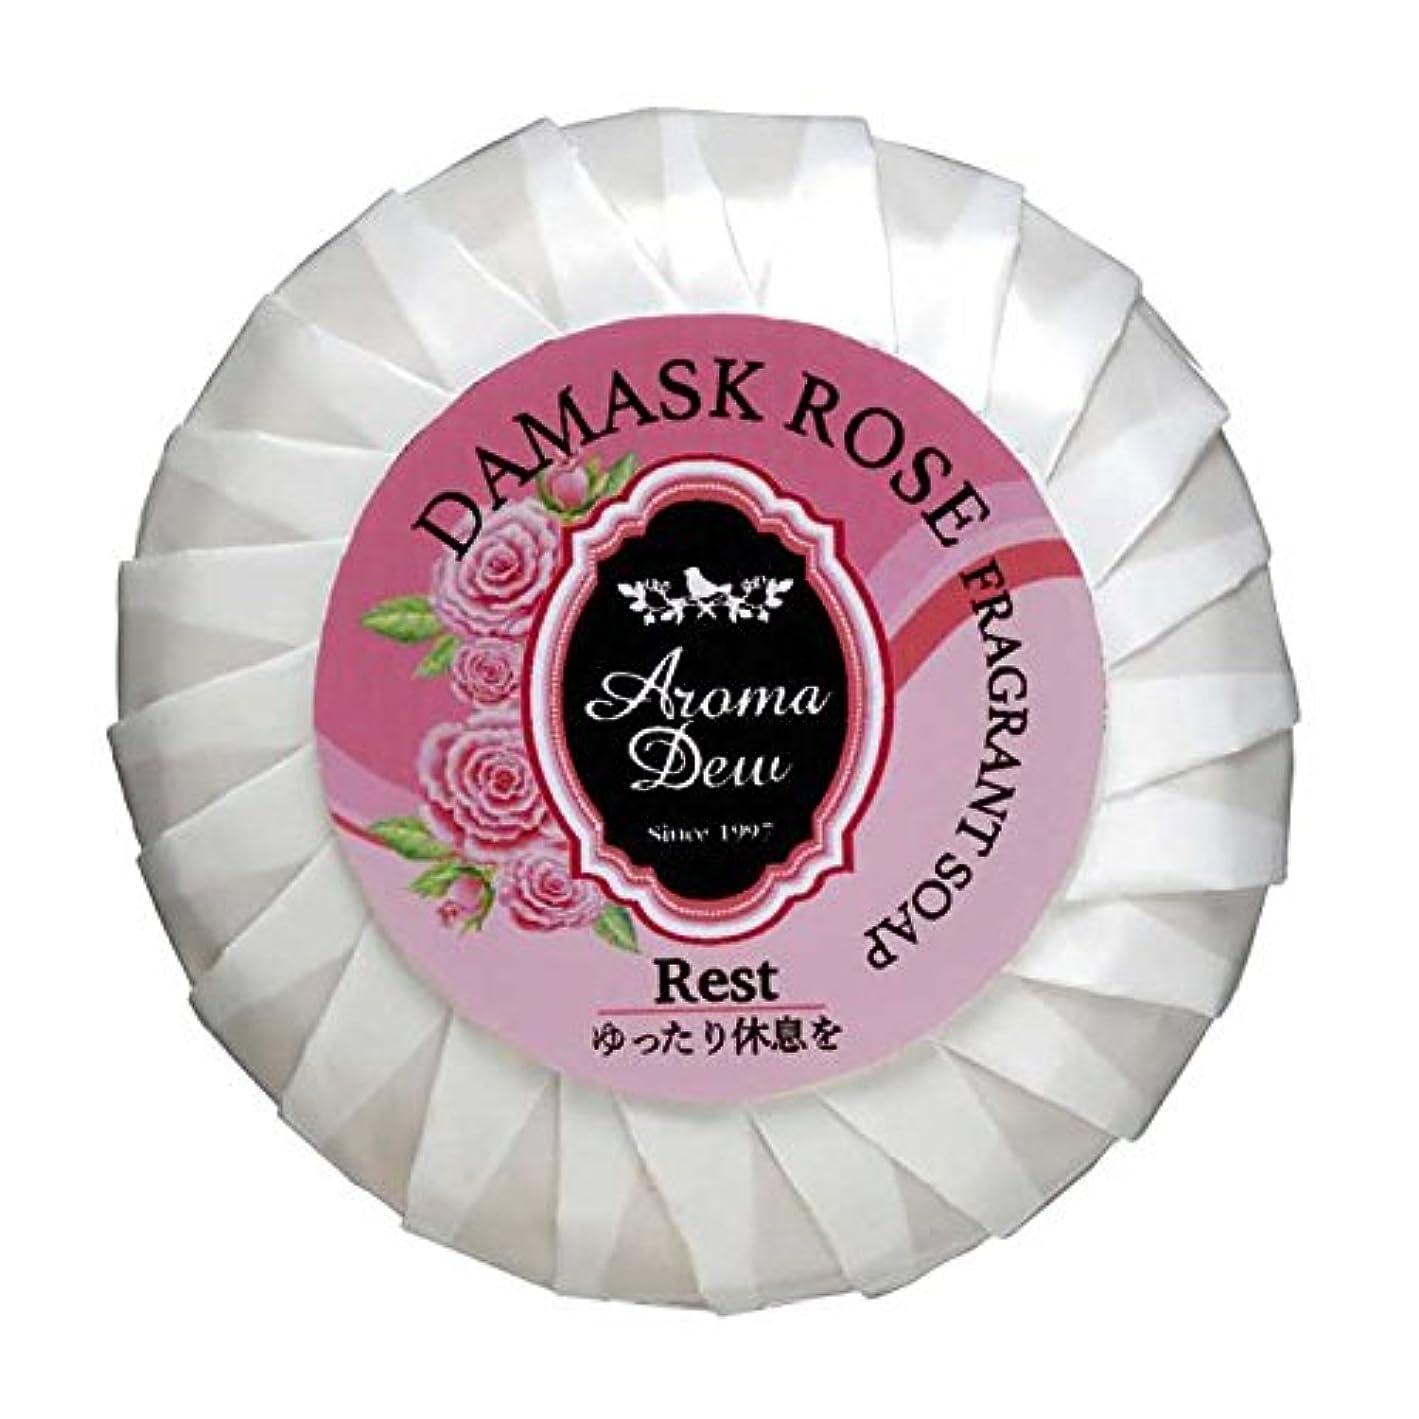 膜世界記録のギネスブックヘビアロマデュウ フレグラントソープ ダマスクローズの香り 100g